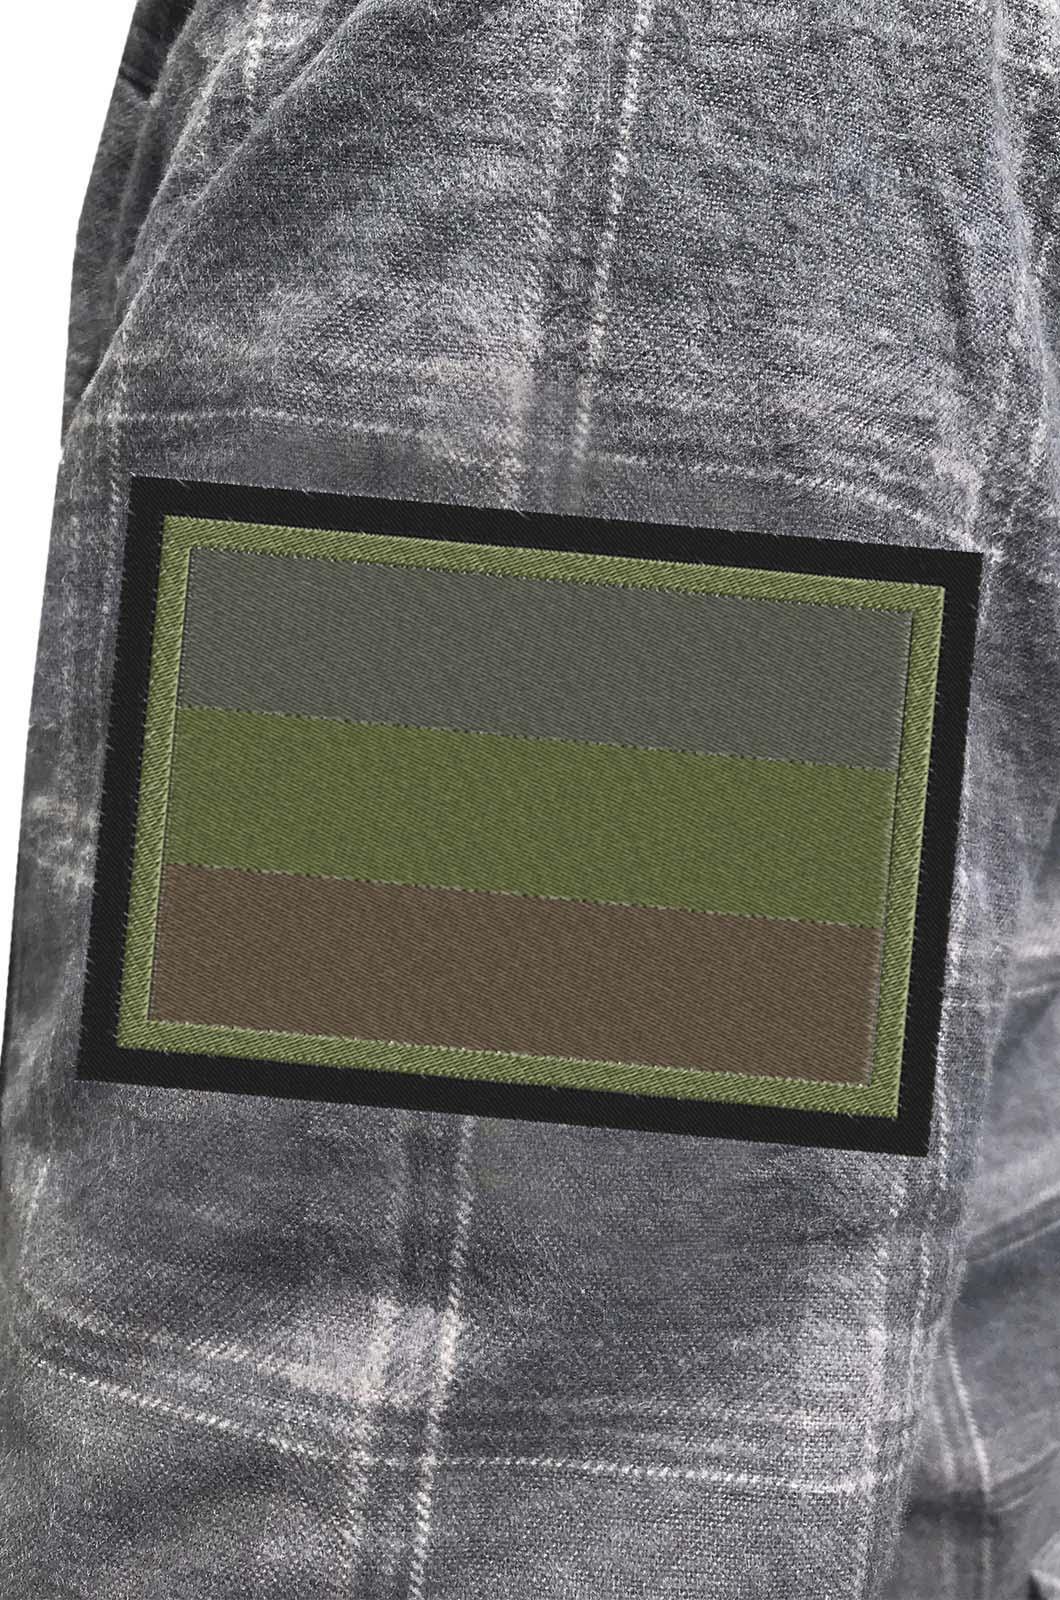 Рубашка мужская с вышитым темным полевым шевроном Россия - купить в Военпро